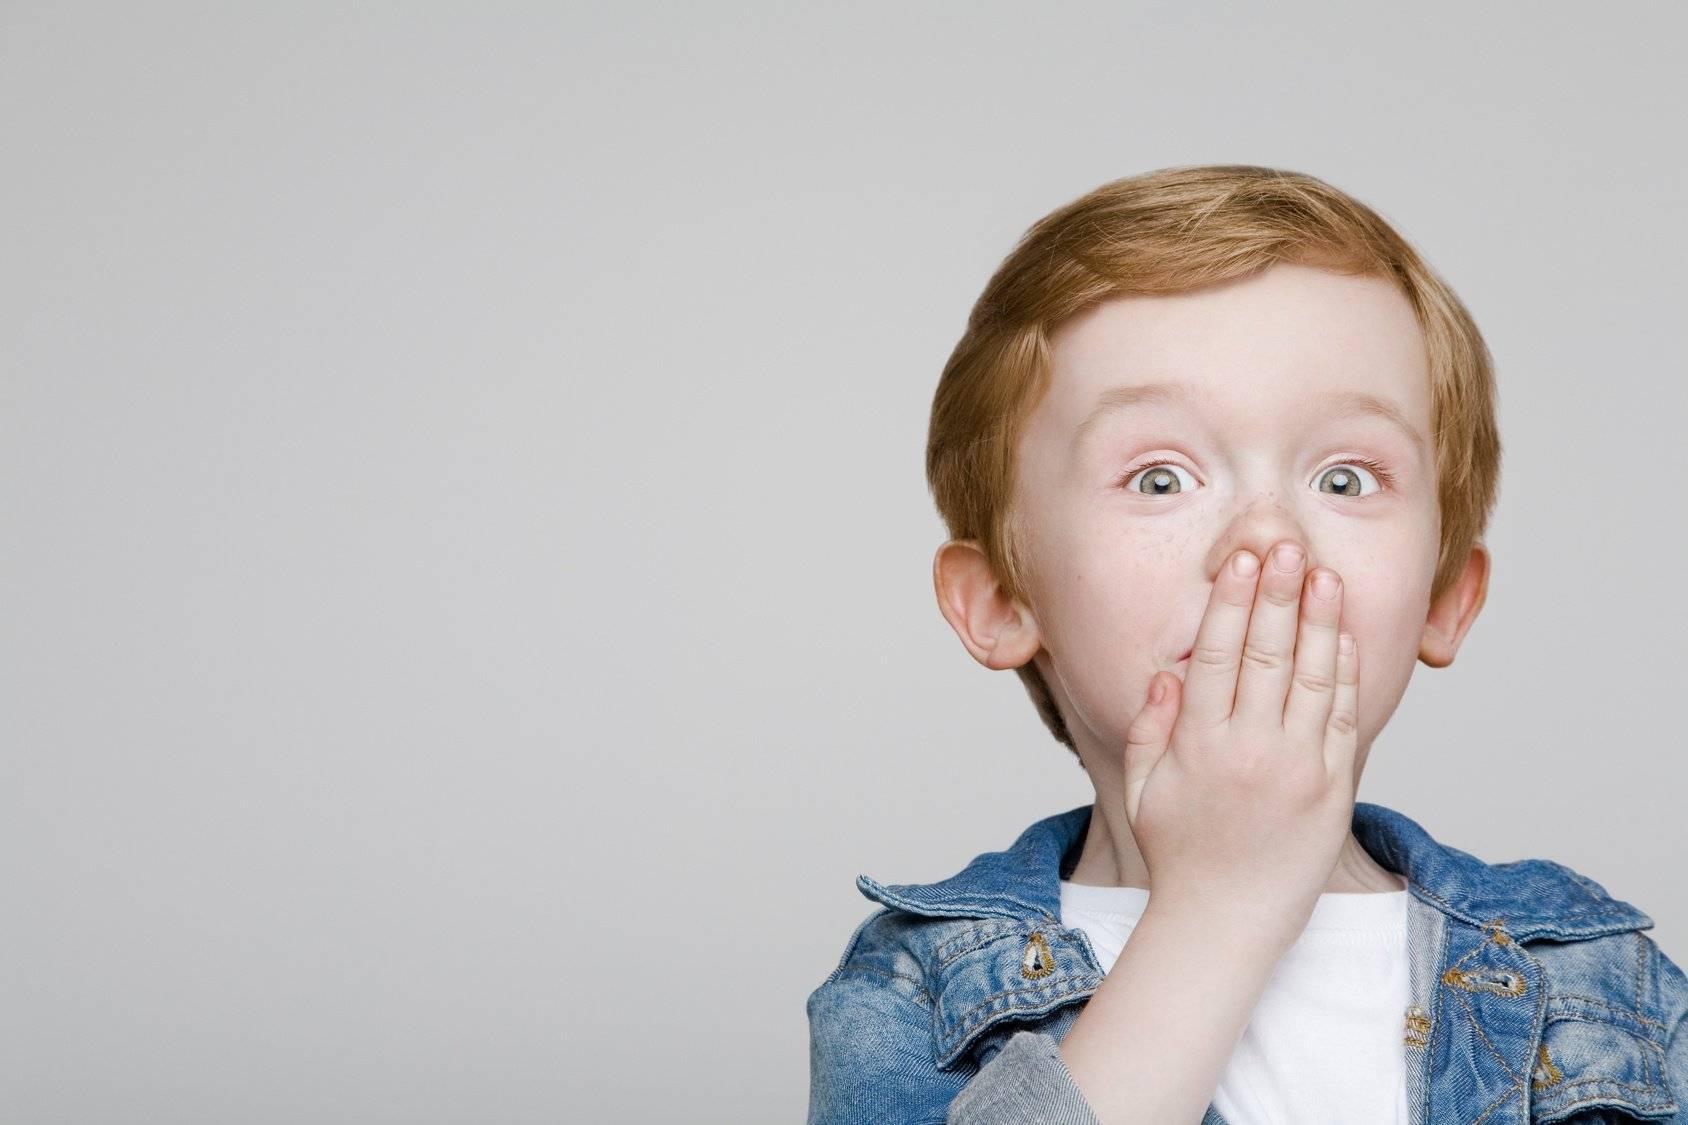 Почему ребенок постоянно держит рот открытым: возможные причины - врач 24/7